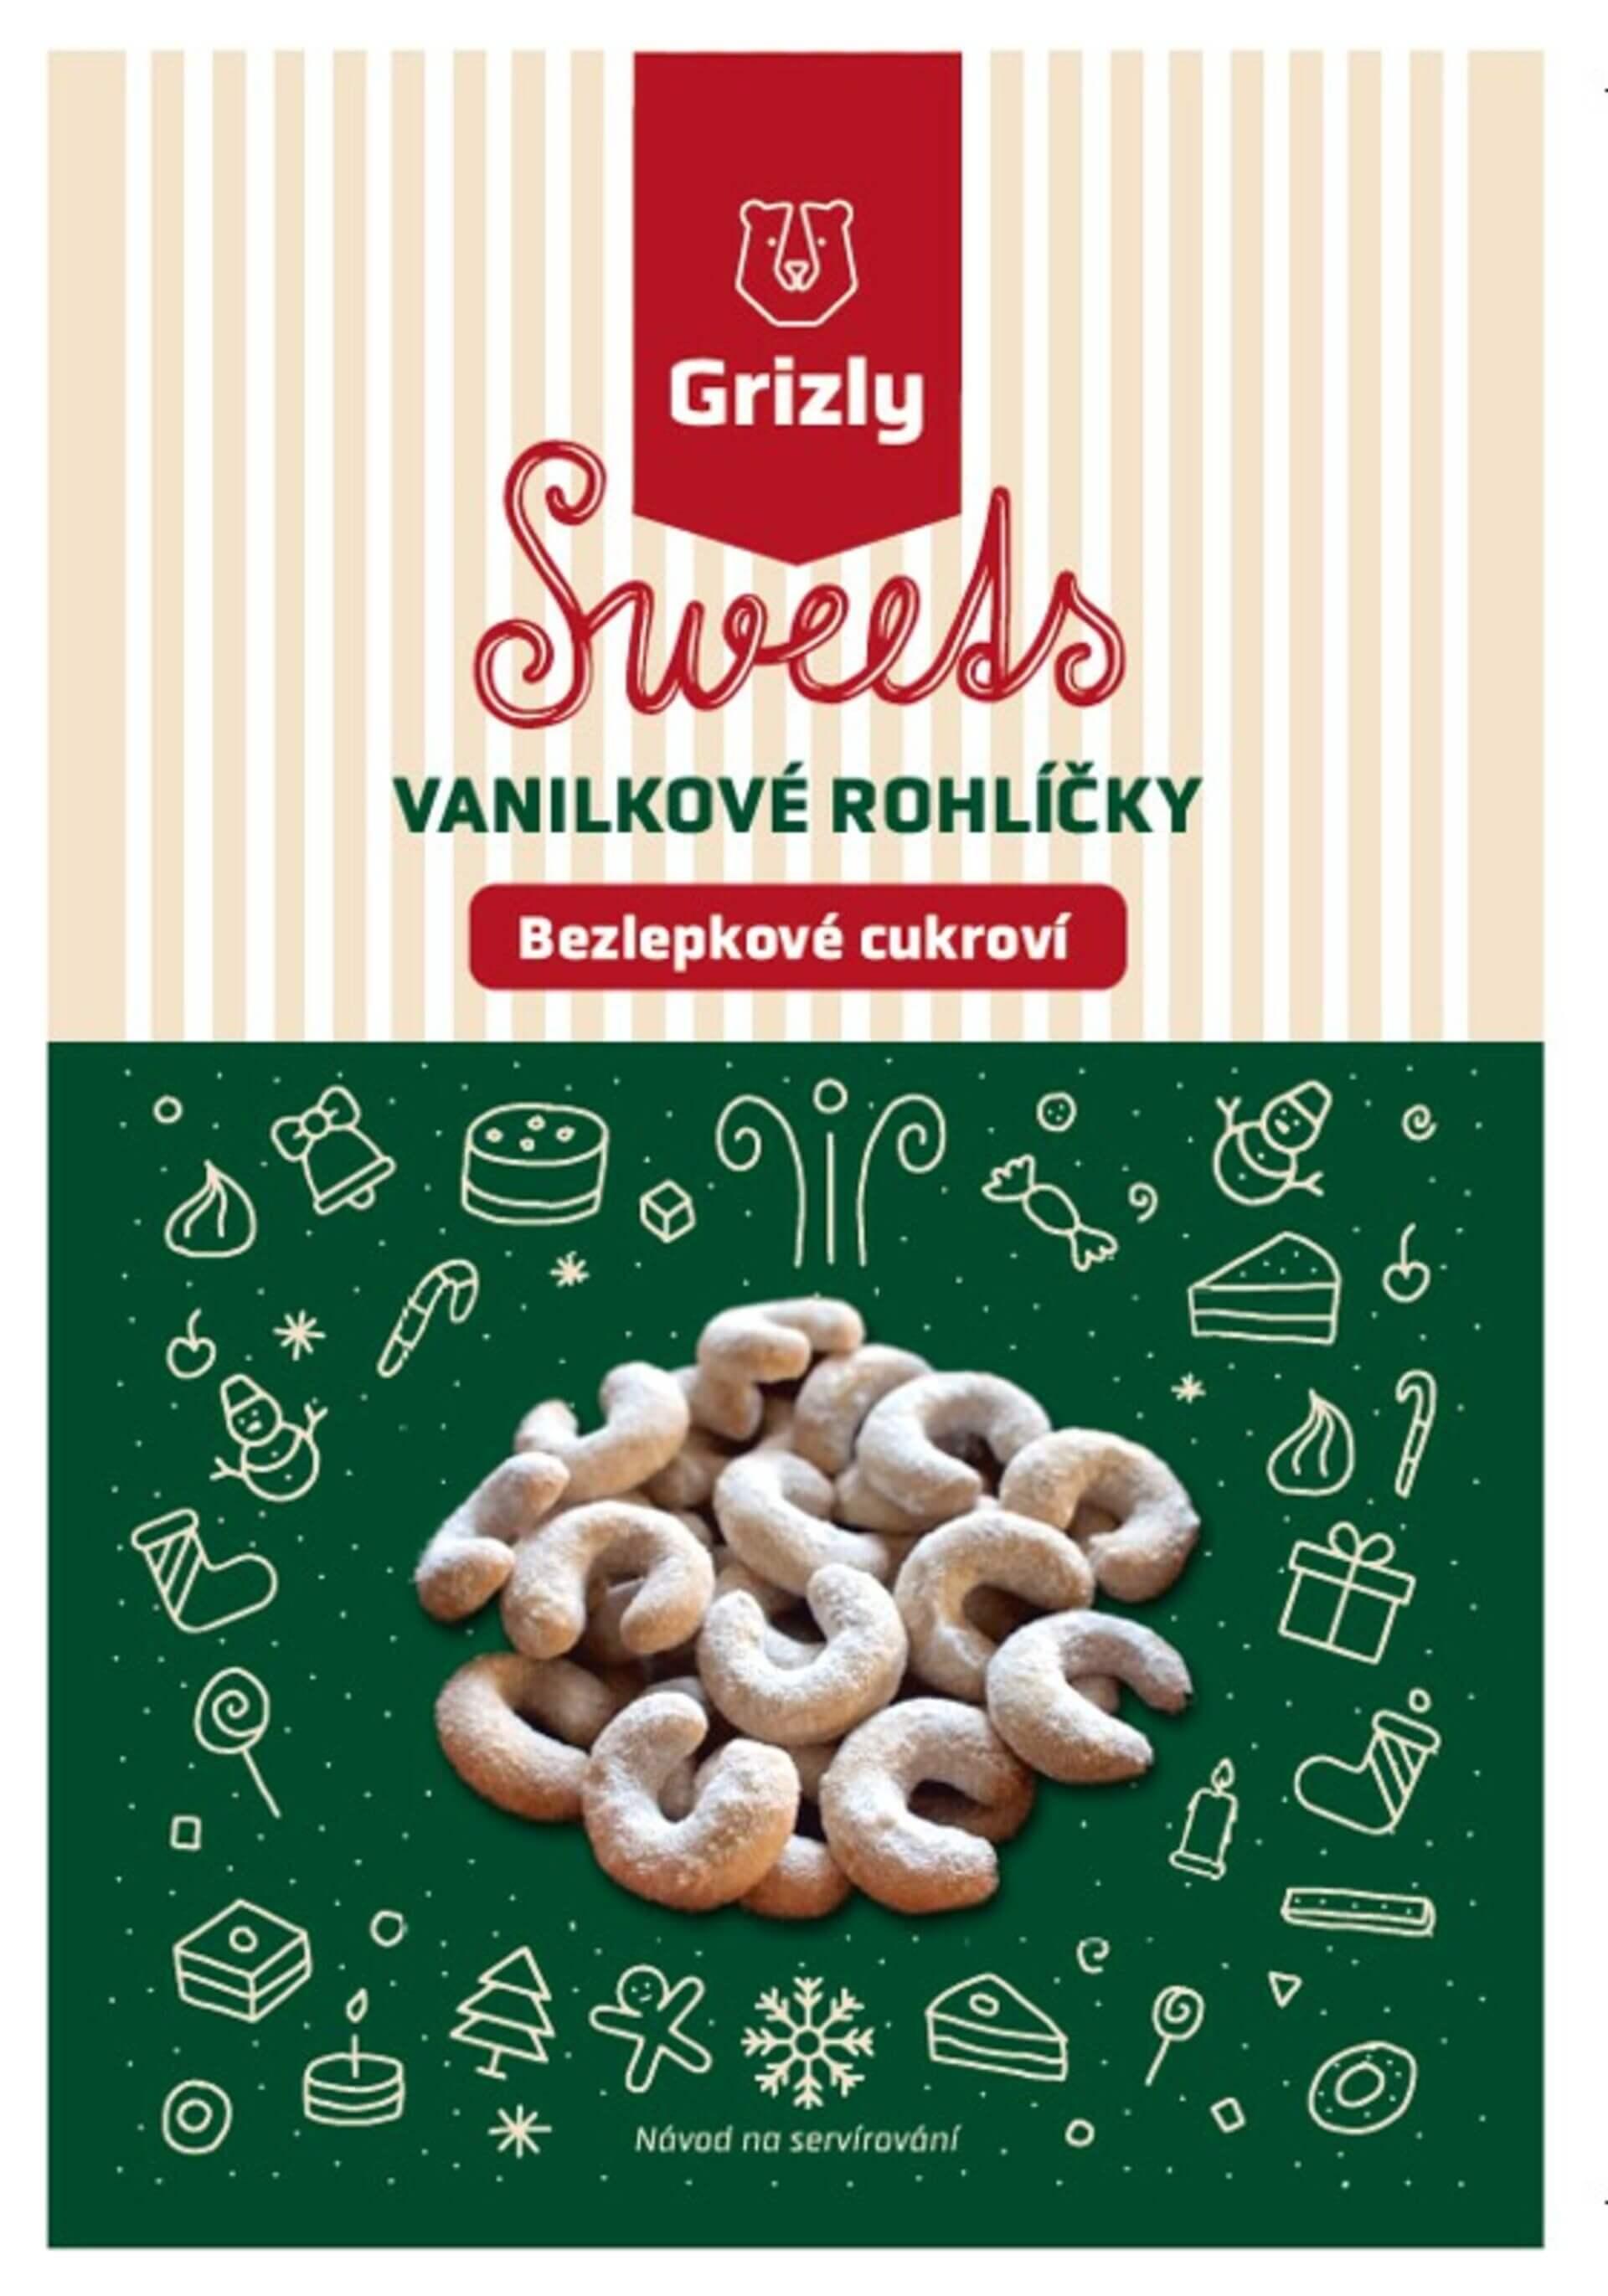 GRIZLY Sweets Směs na vanilkové rohlíčky bezlepkové 440 g